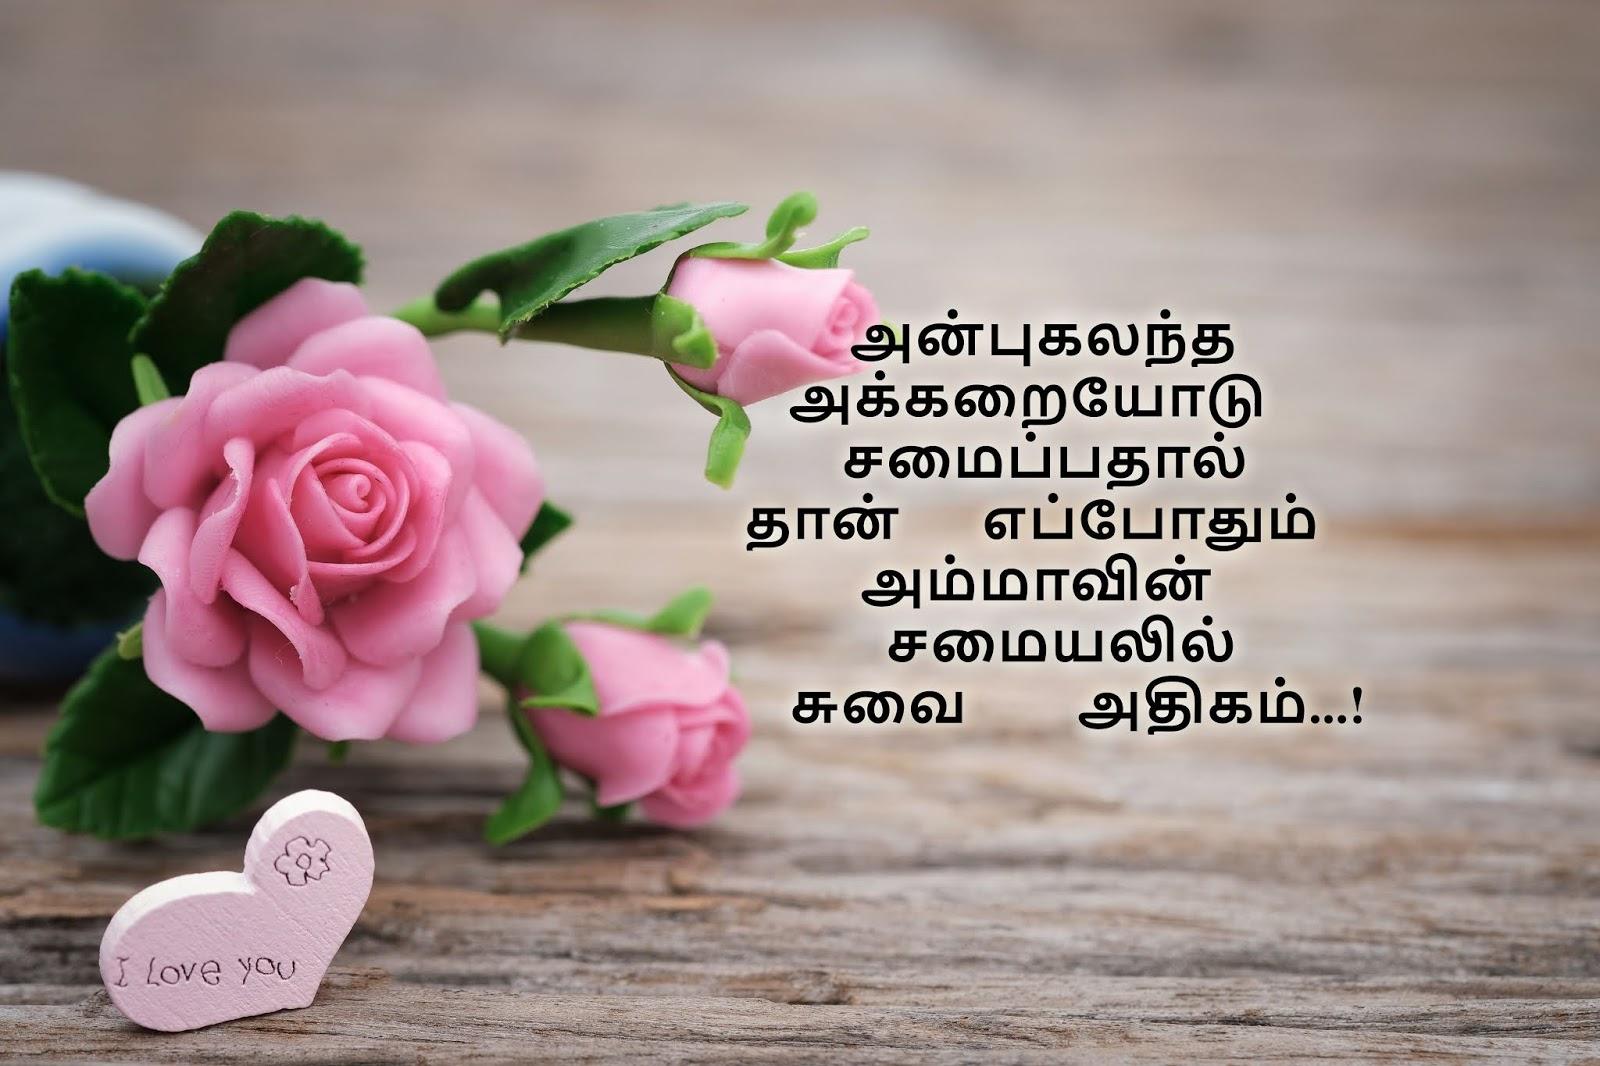 Top 25 Tamil Amma Kavithaigal Latest அம ம கவ த